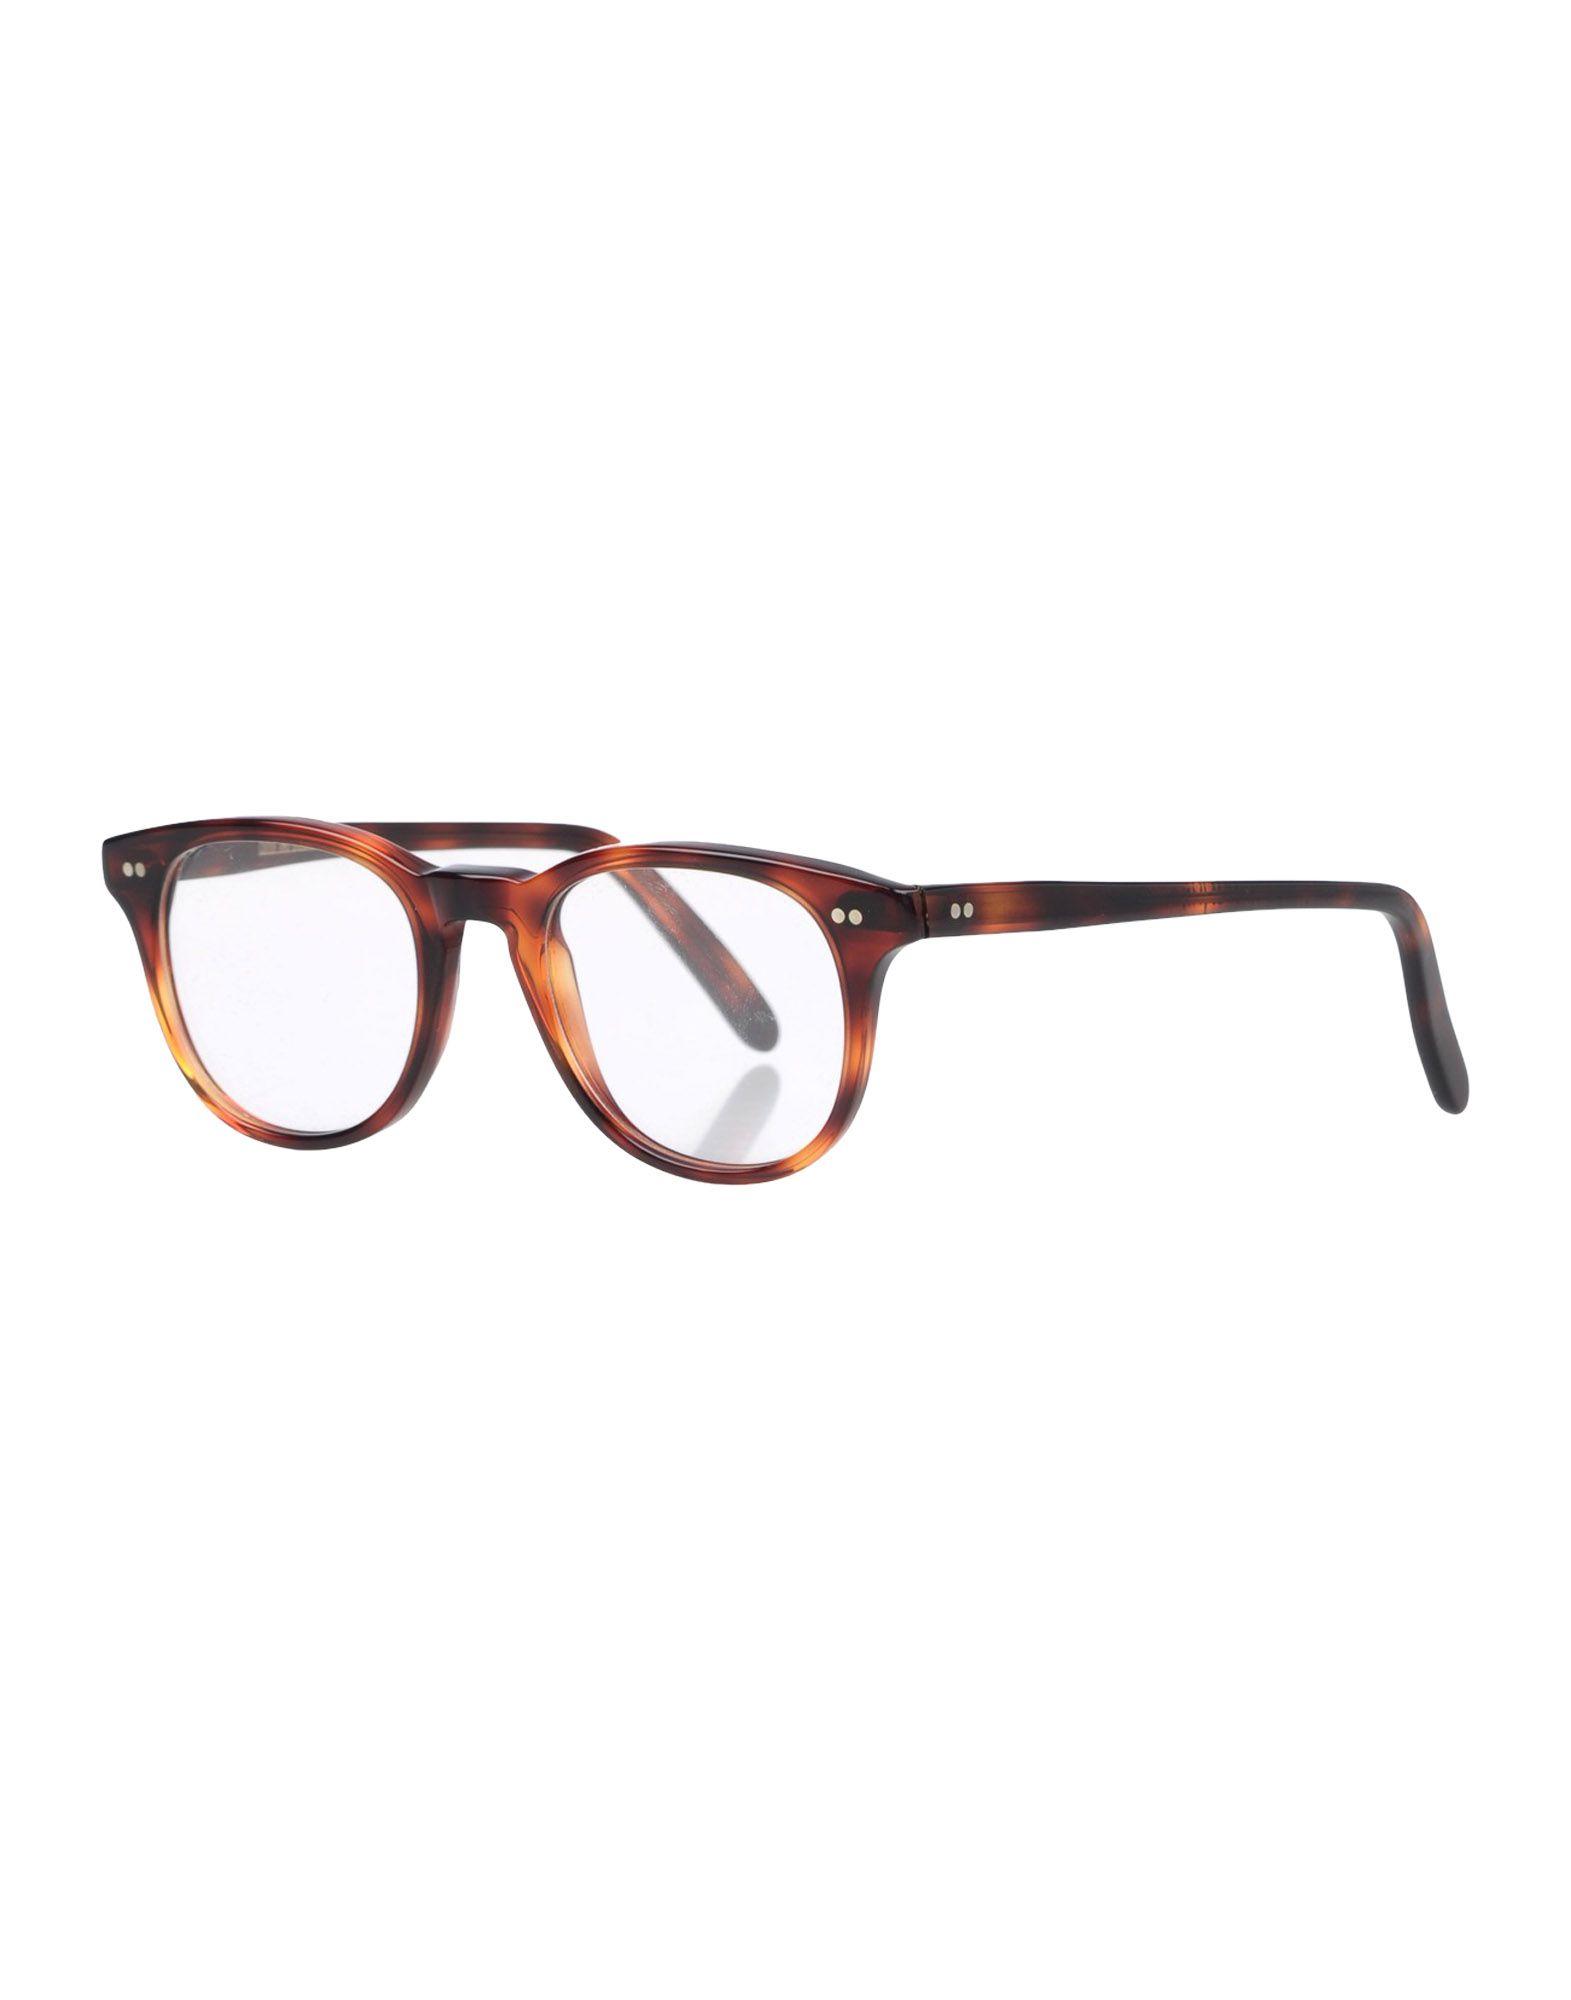 CUTLER AND GROSS Herren Brille Farbe Dunkelbraun Größe 1